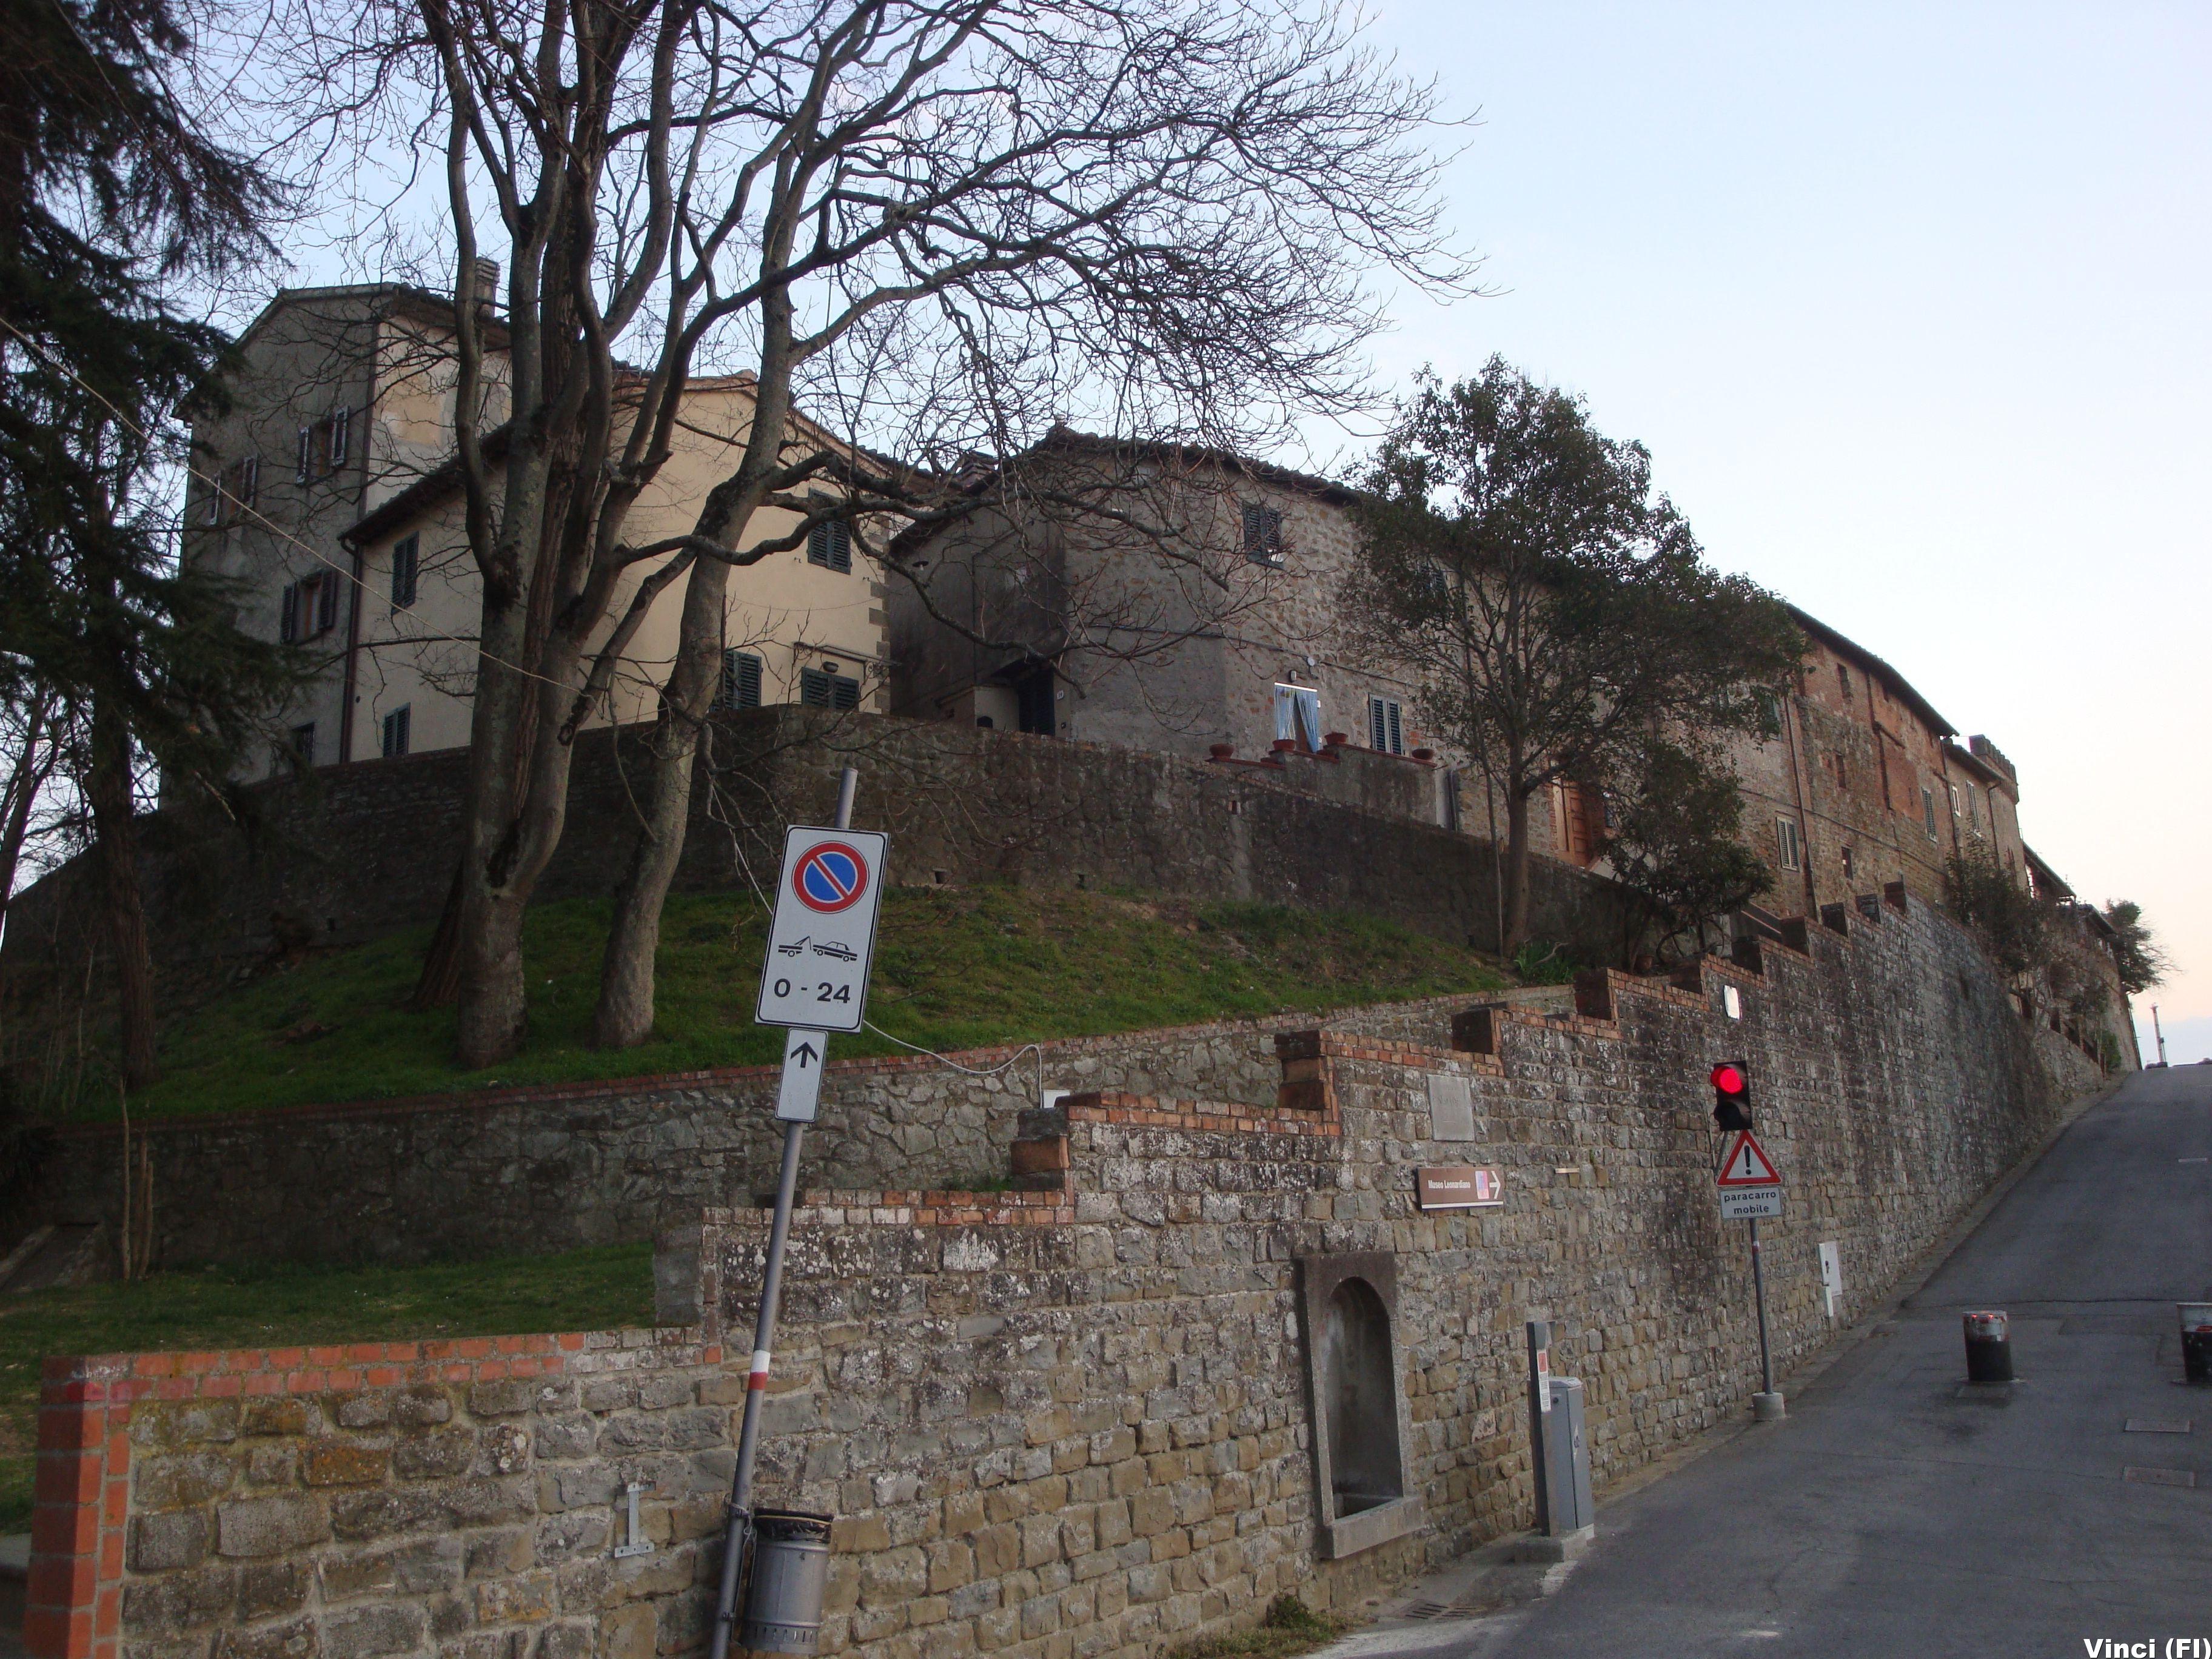 Fotografia Di Vinci Fi 6 Bellezze Della Toscana